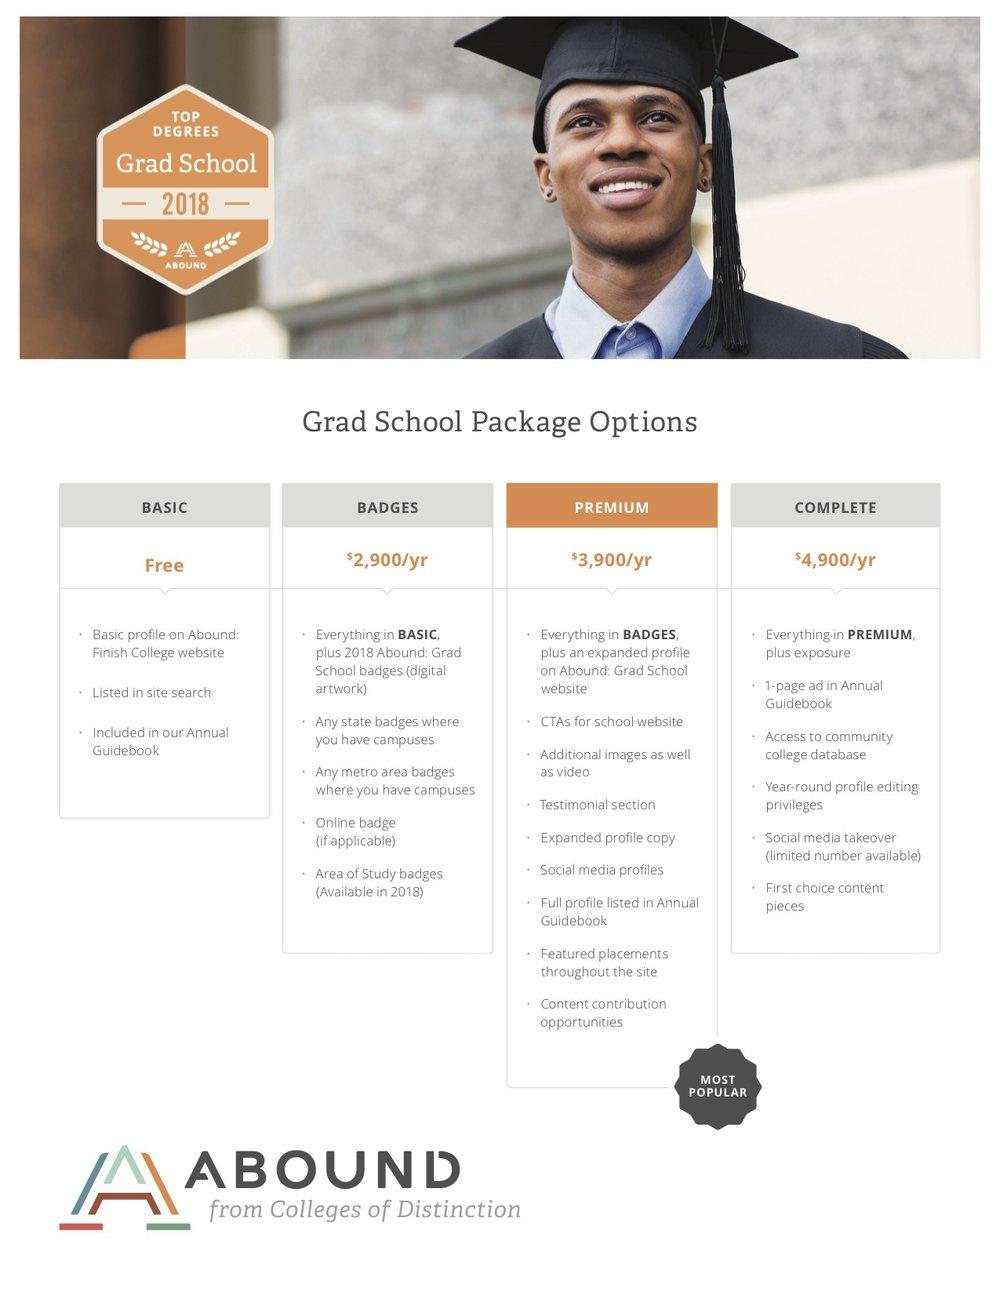 Abound-Grad-School-Sales-Sheet (new).jpg